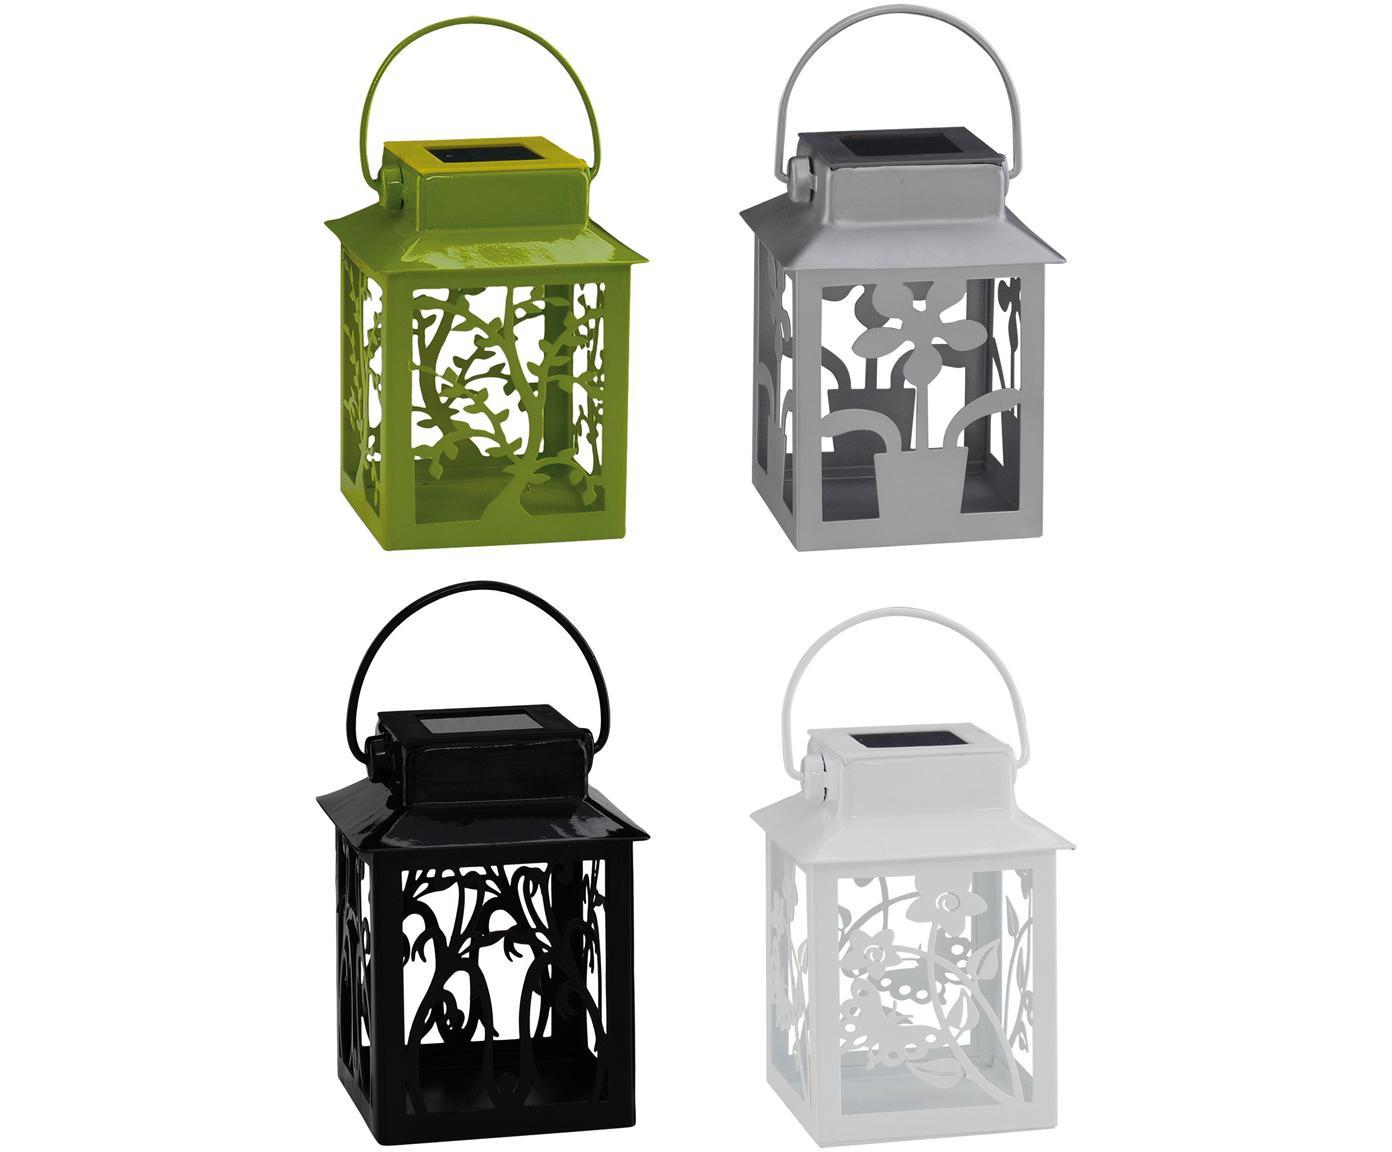 LED Solarleuchten-Set Garden-Lantern, 4-tlg., Gestell: Metall, beschichtet, Mehrfarbig, 8 x 13 cm